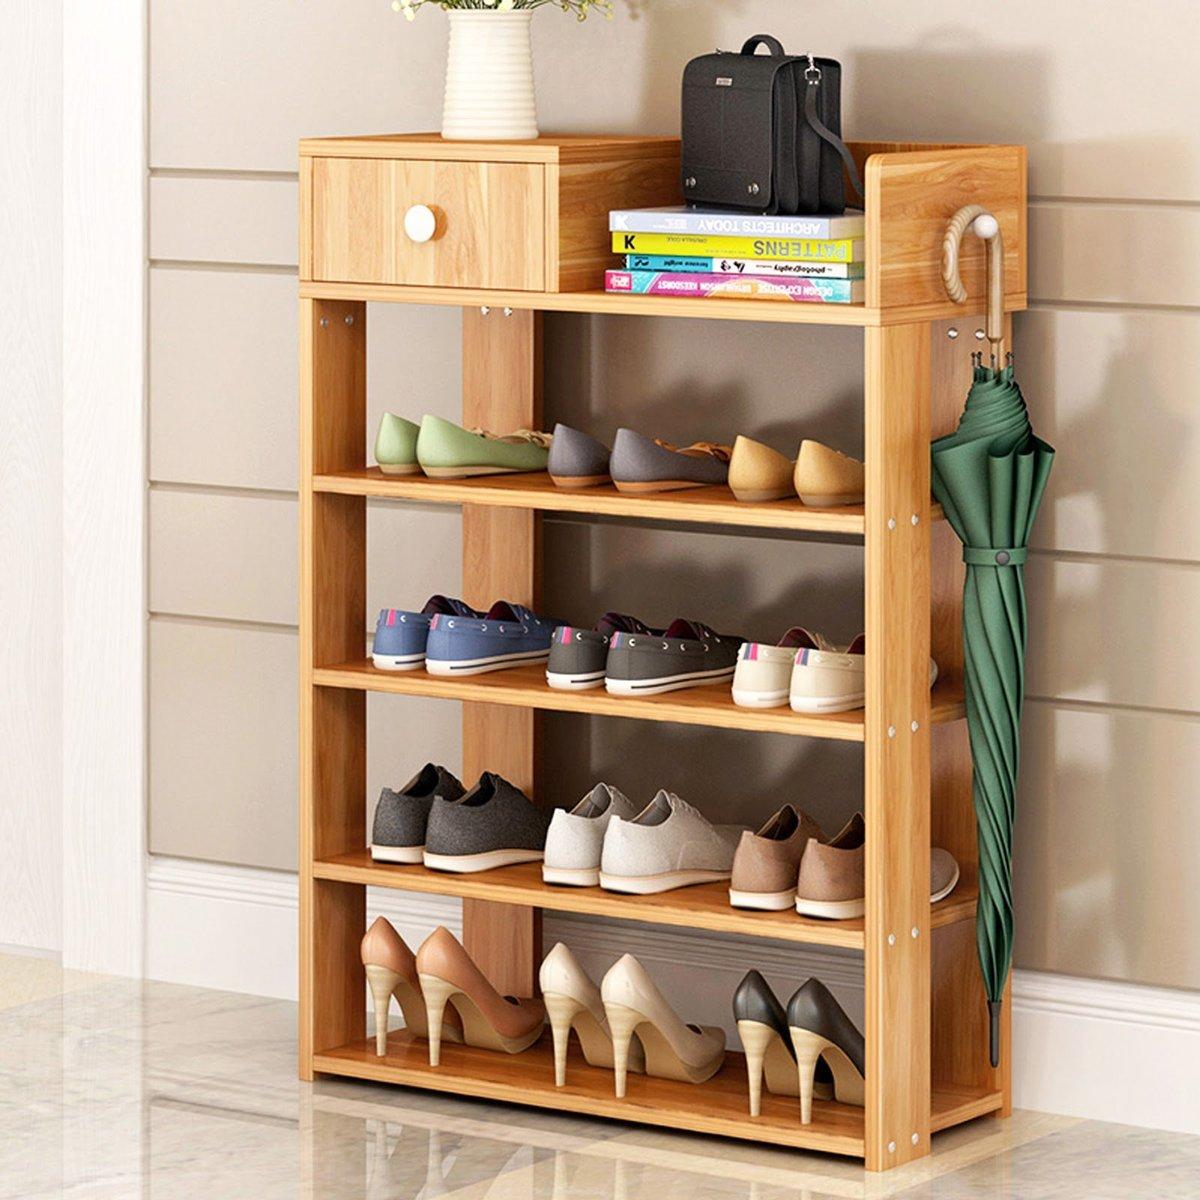 五層組合式木制 鞋架 層架 鞋櫃 實用儲物架 雨傘架 - 65